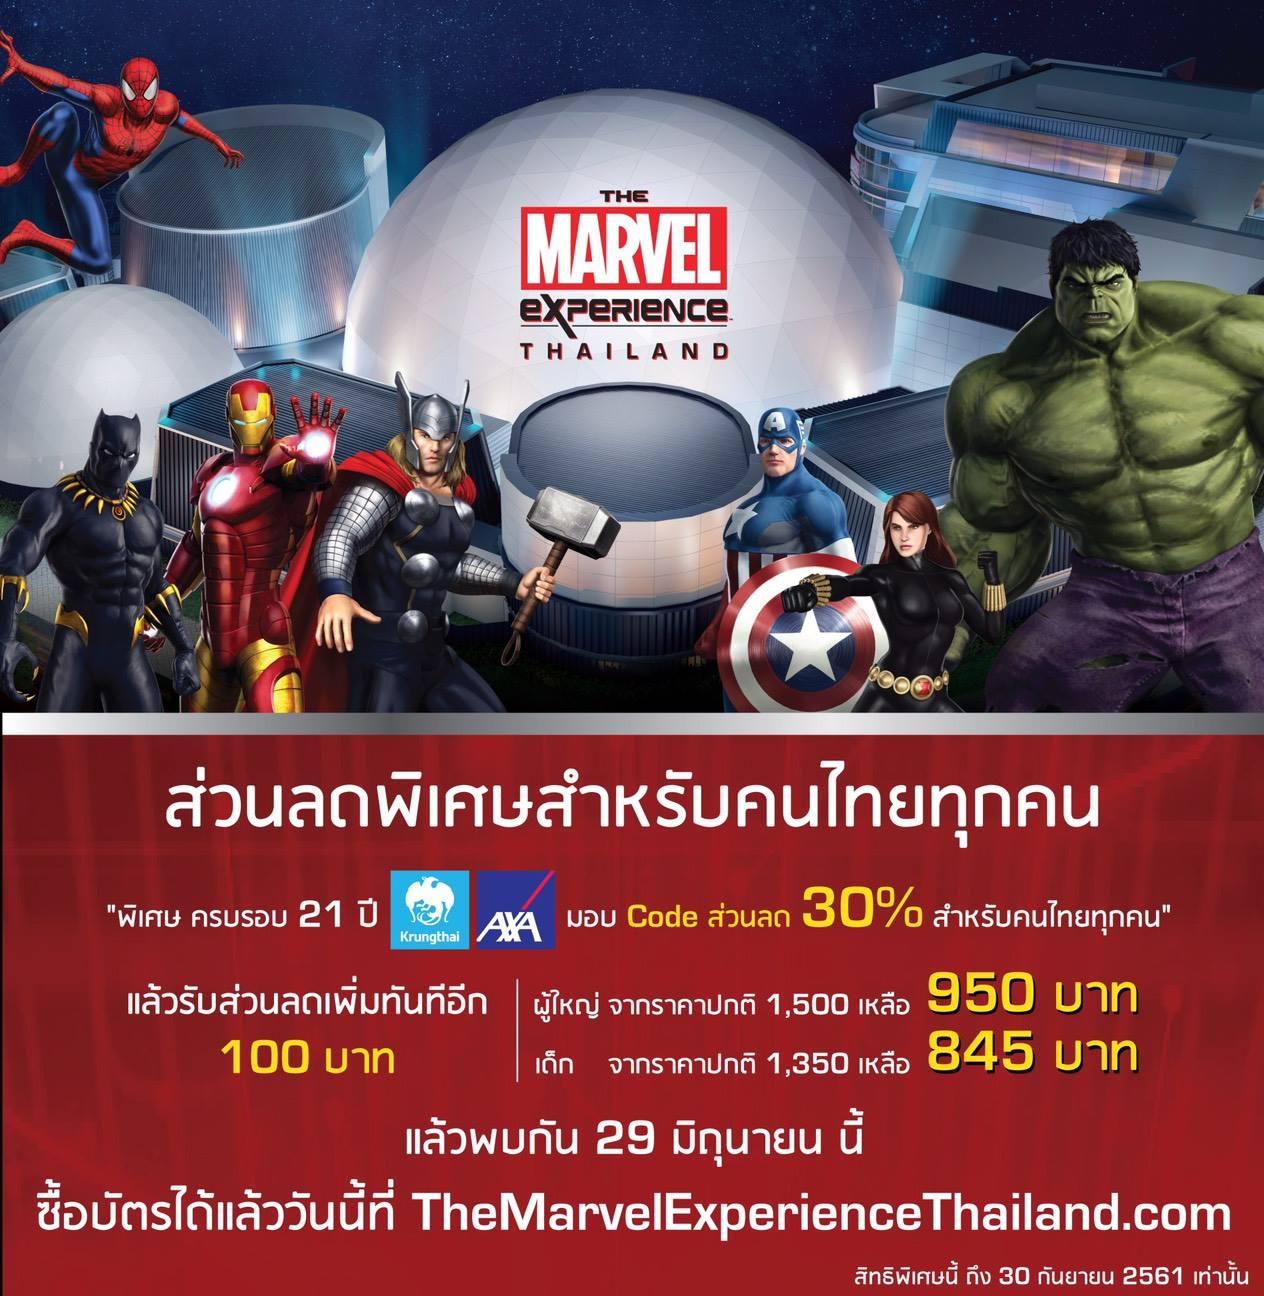 วิธีจองตั๋ว The Marvel Experience Thailand พร้อมส่วนลดสำหรับคนไทย